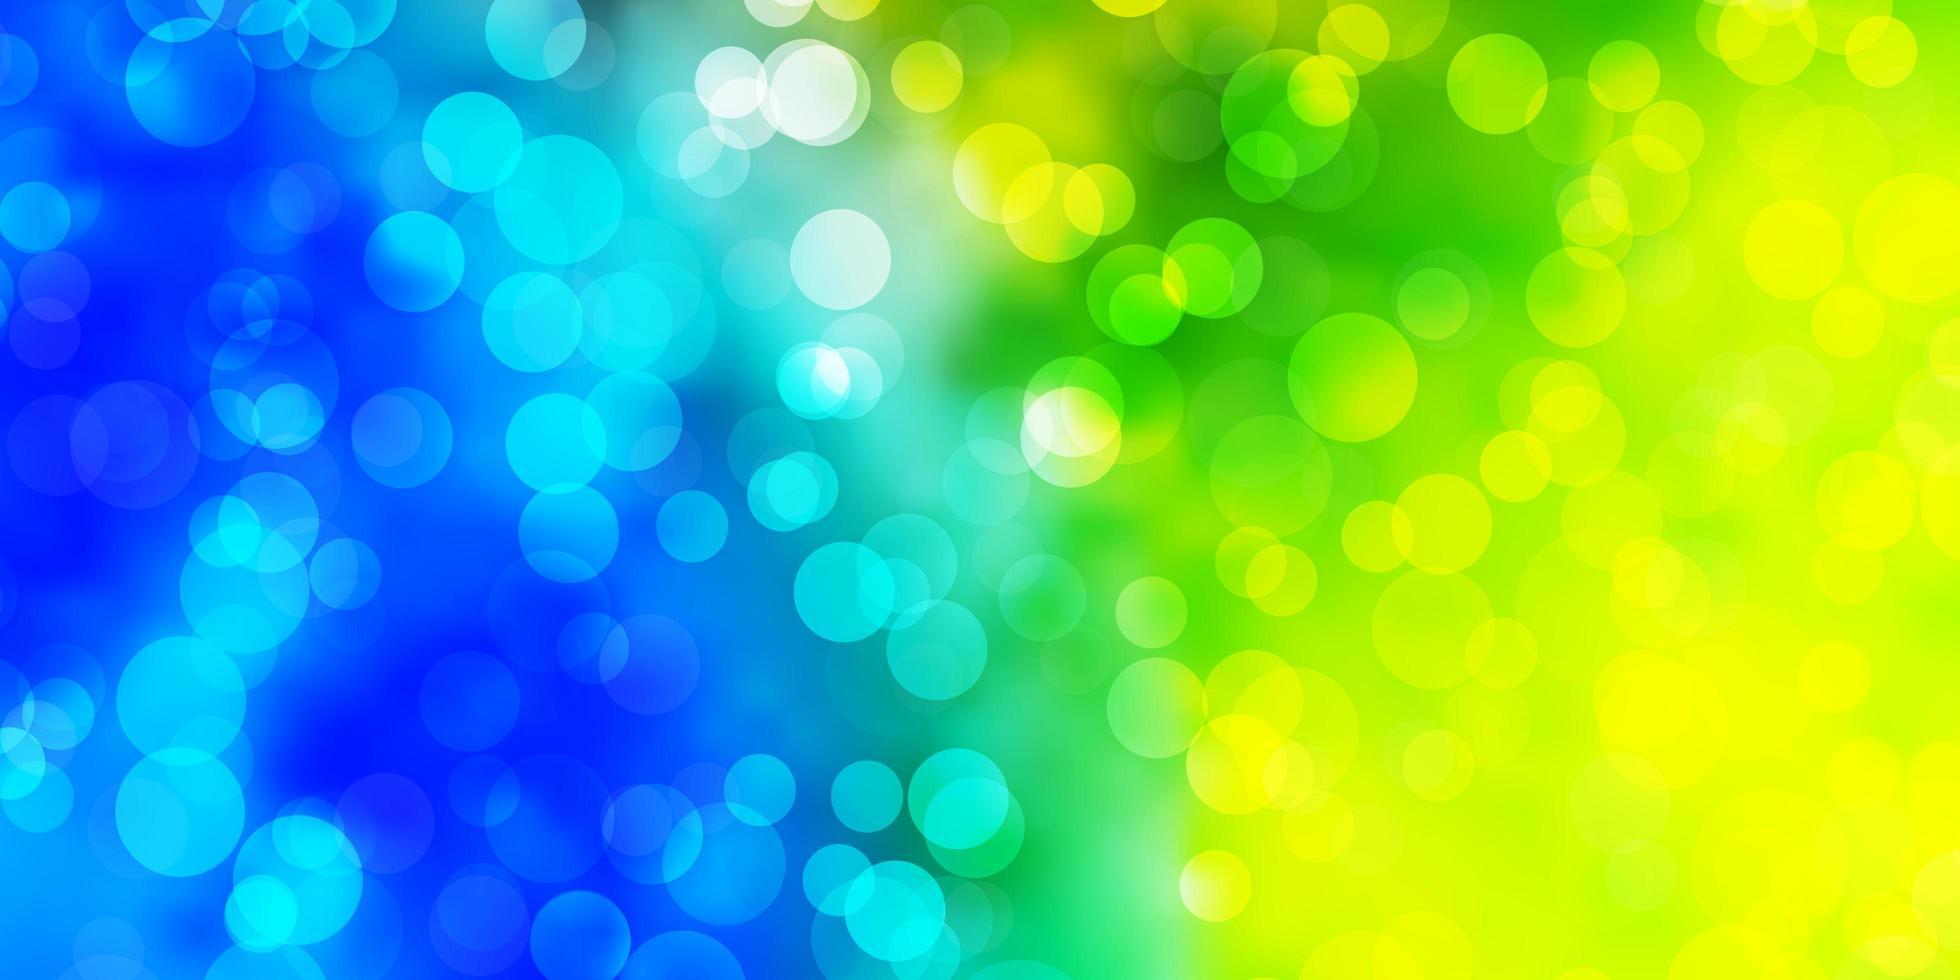 ljusblå, grön vektorbakgrund med bubblor. vektor